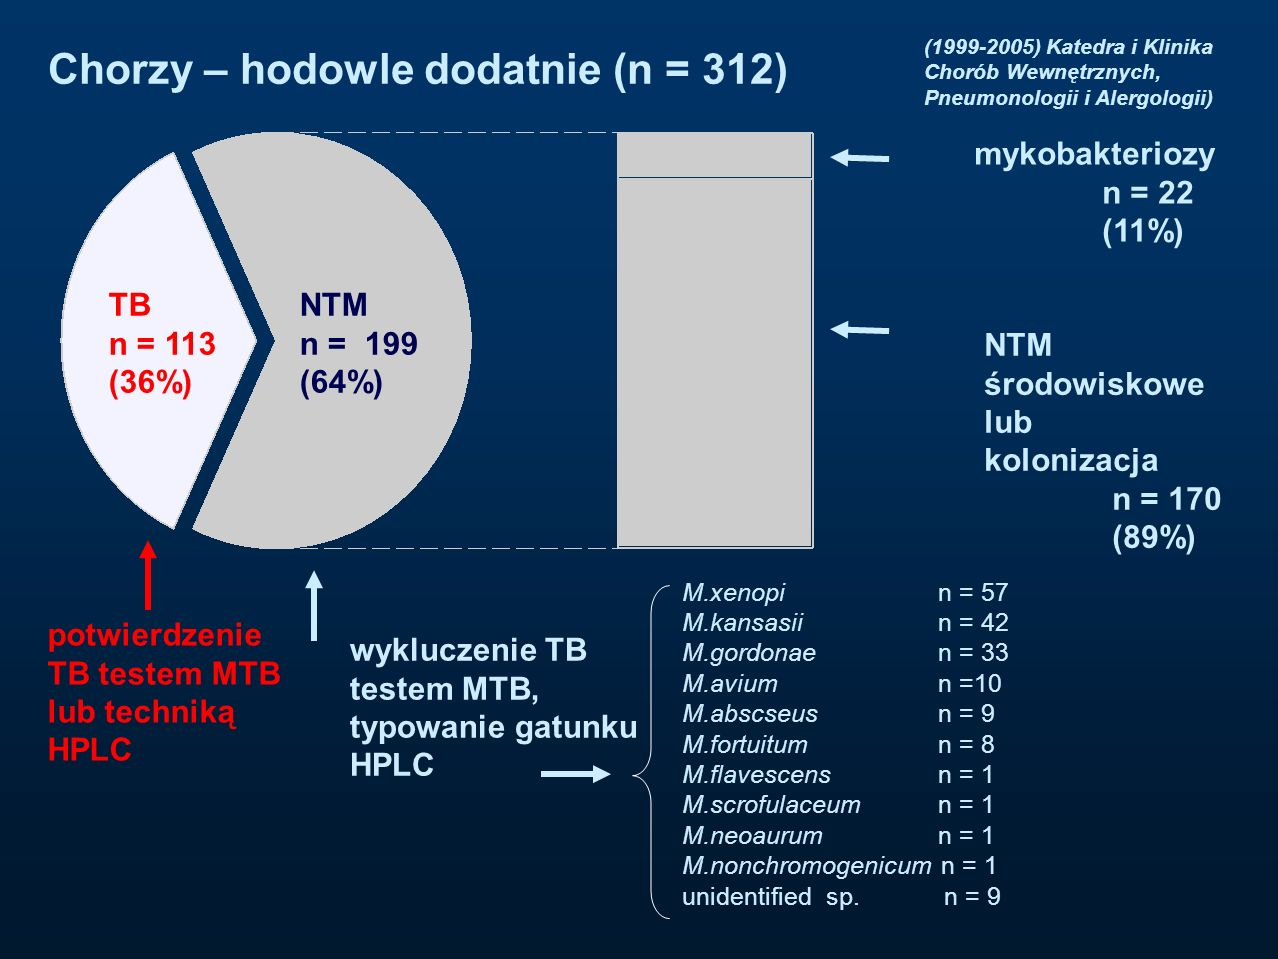 Chorzy – hodowle dodatnie (n = 312)